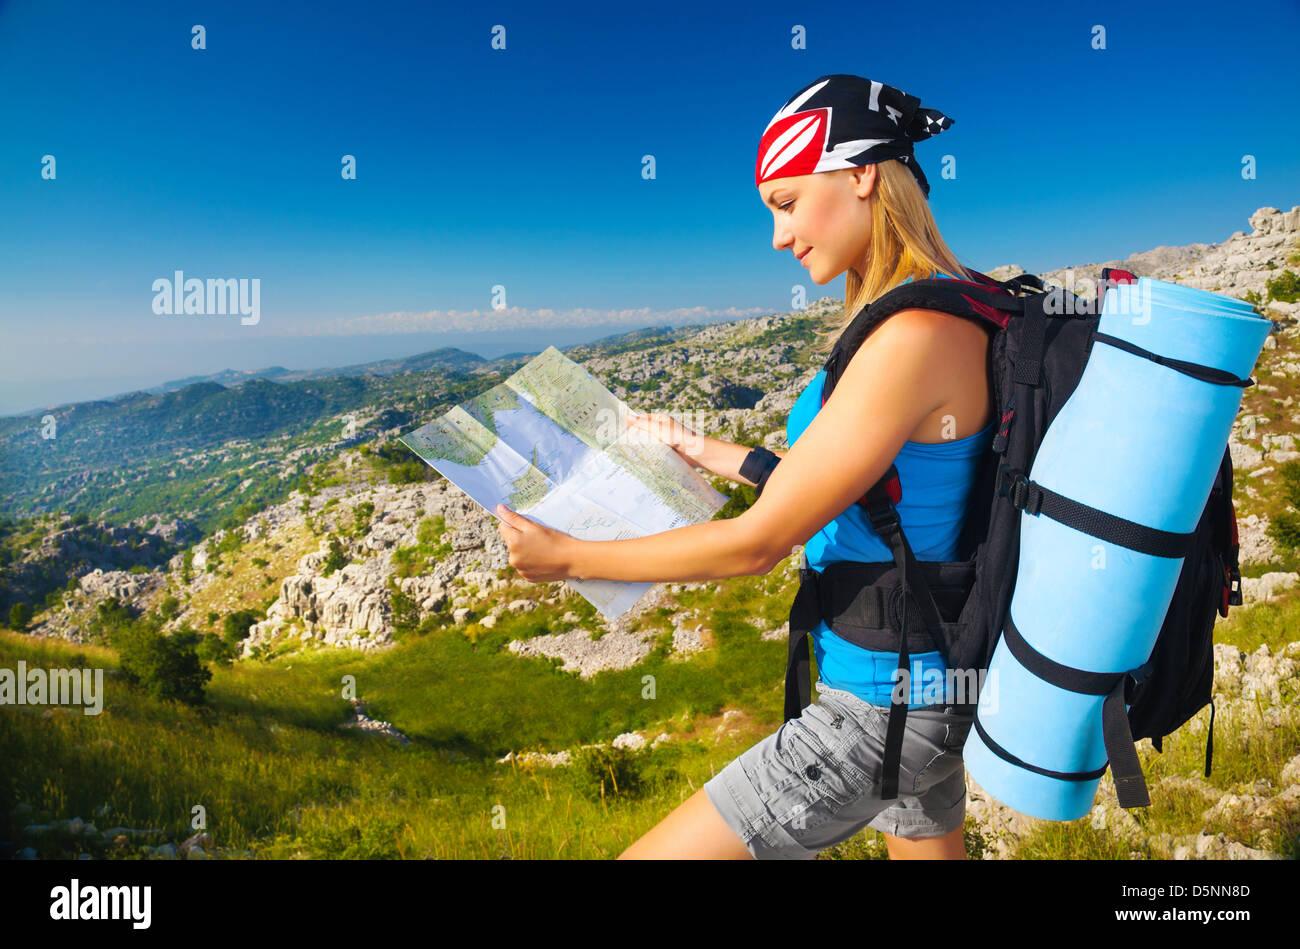 Giovane sportivo da donna in piedi sulla vetta della montagna guarda sulla mappa, avventura estrema, la felicità Immagini Stock